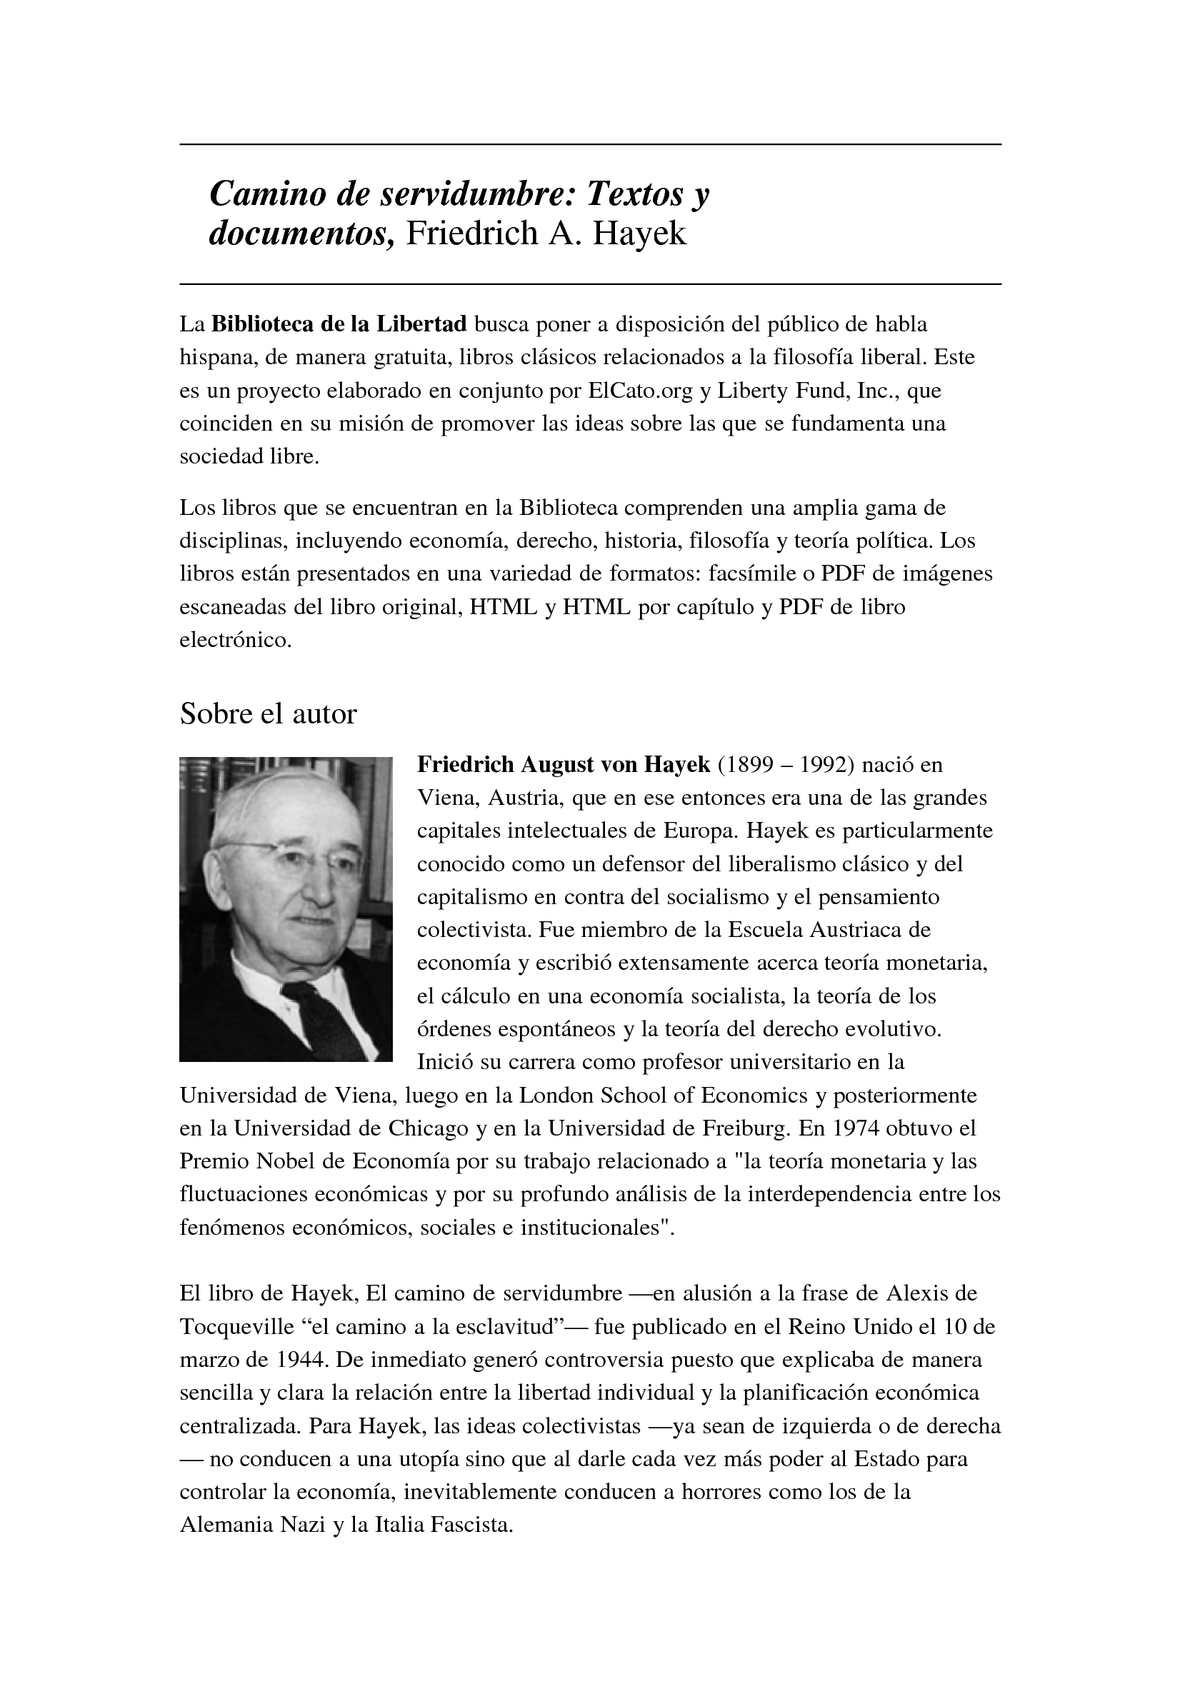 Calaméo - Friedrich August von Hayek: Camino de servidumbre